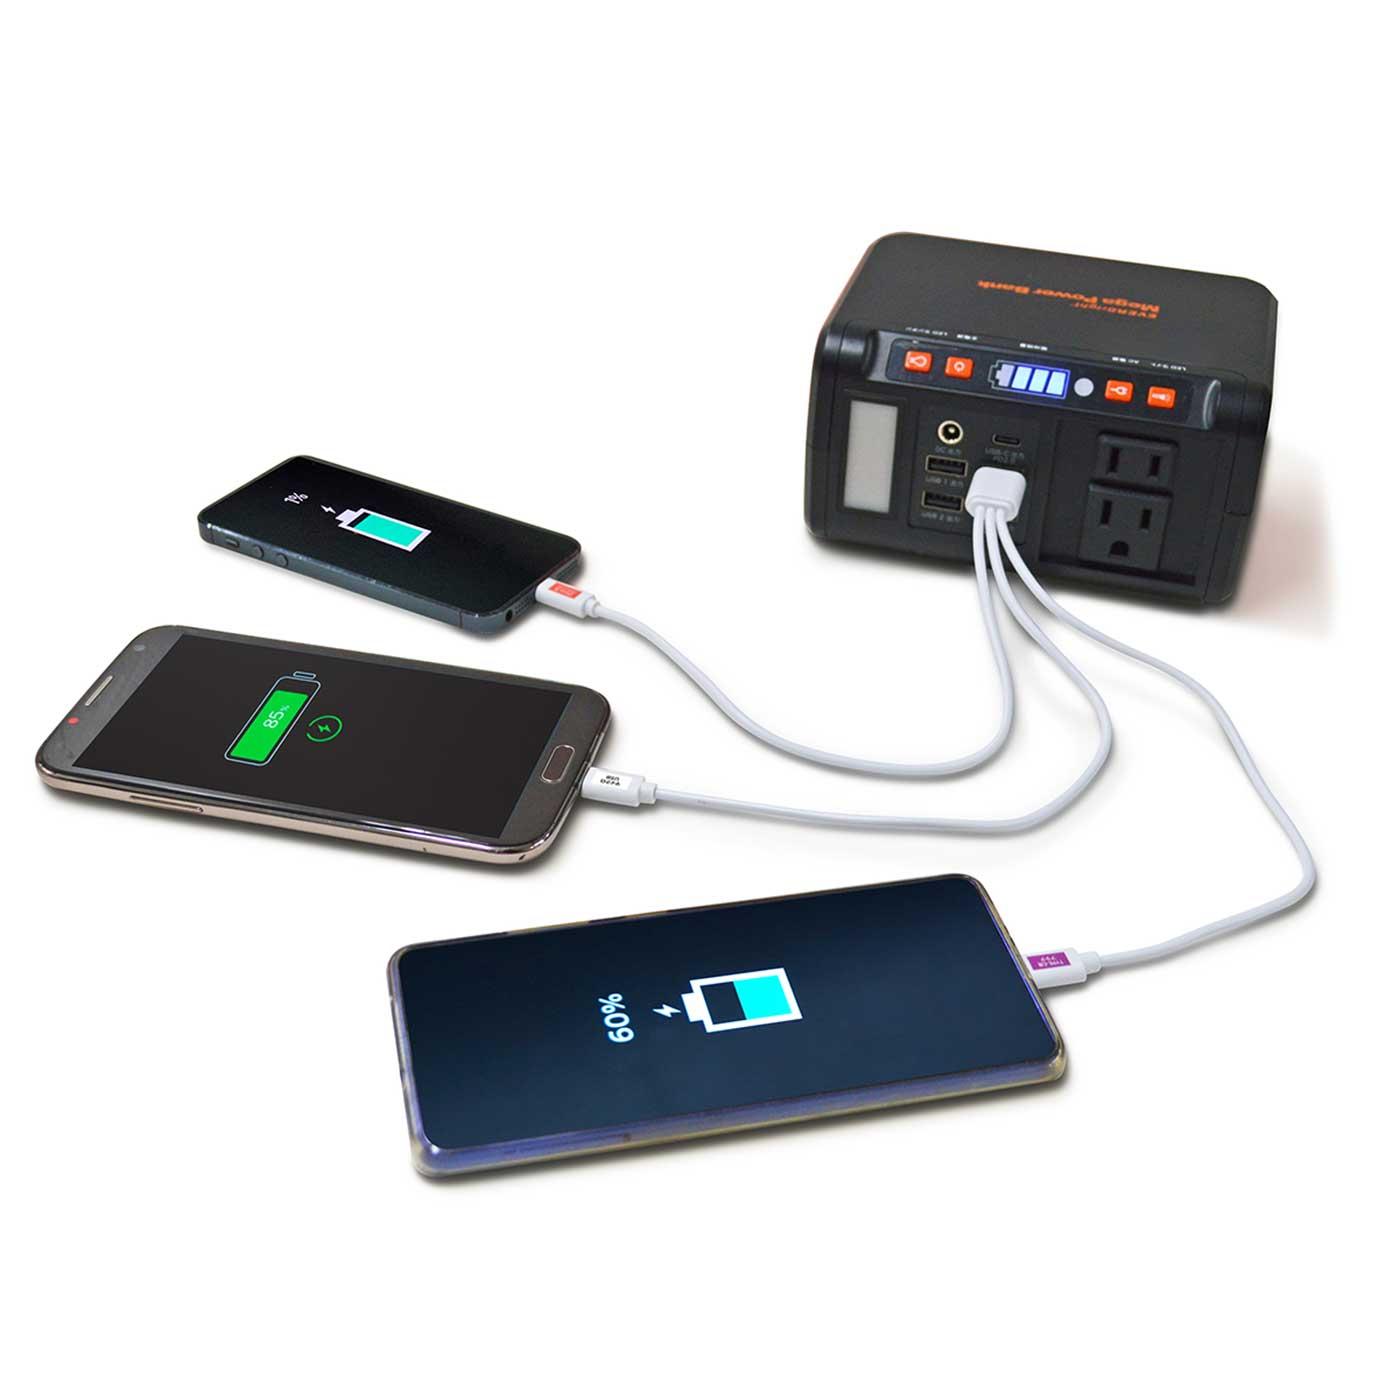 Kraso[クラソ]  いざというときの電源確保!電池要らずの家庭用小型蓄電池 大容量パワーバンク AC出力やUSB出力、DC出力まで完備。さまざまなプラグを接続できます。